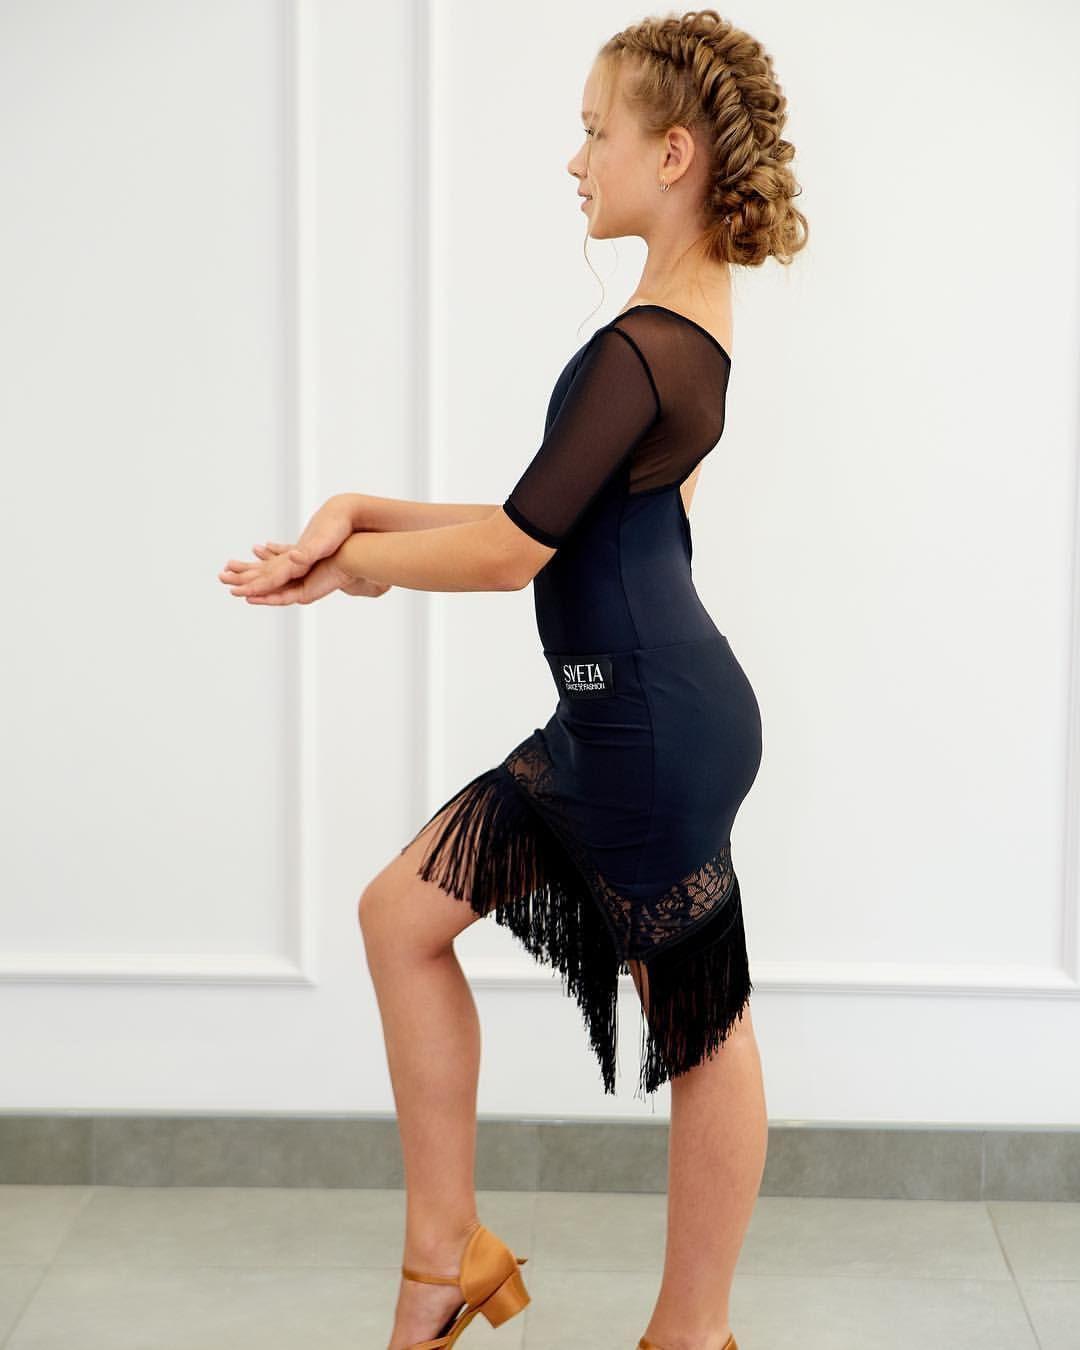 Platie_dlia_bal'nyx_tancev (6)